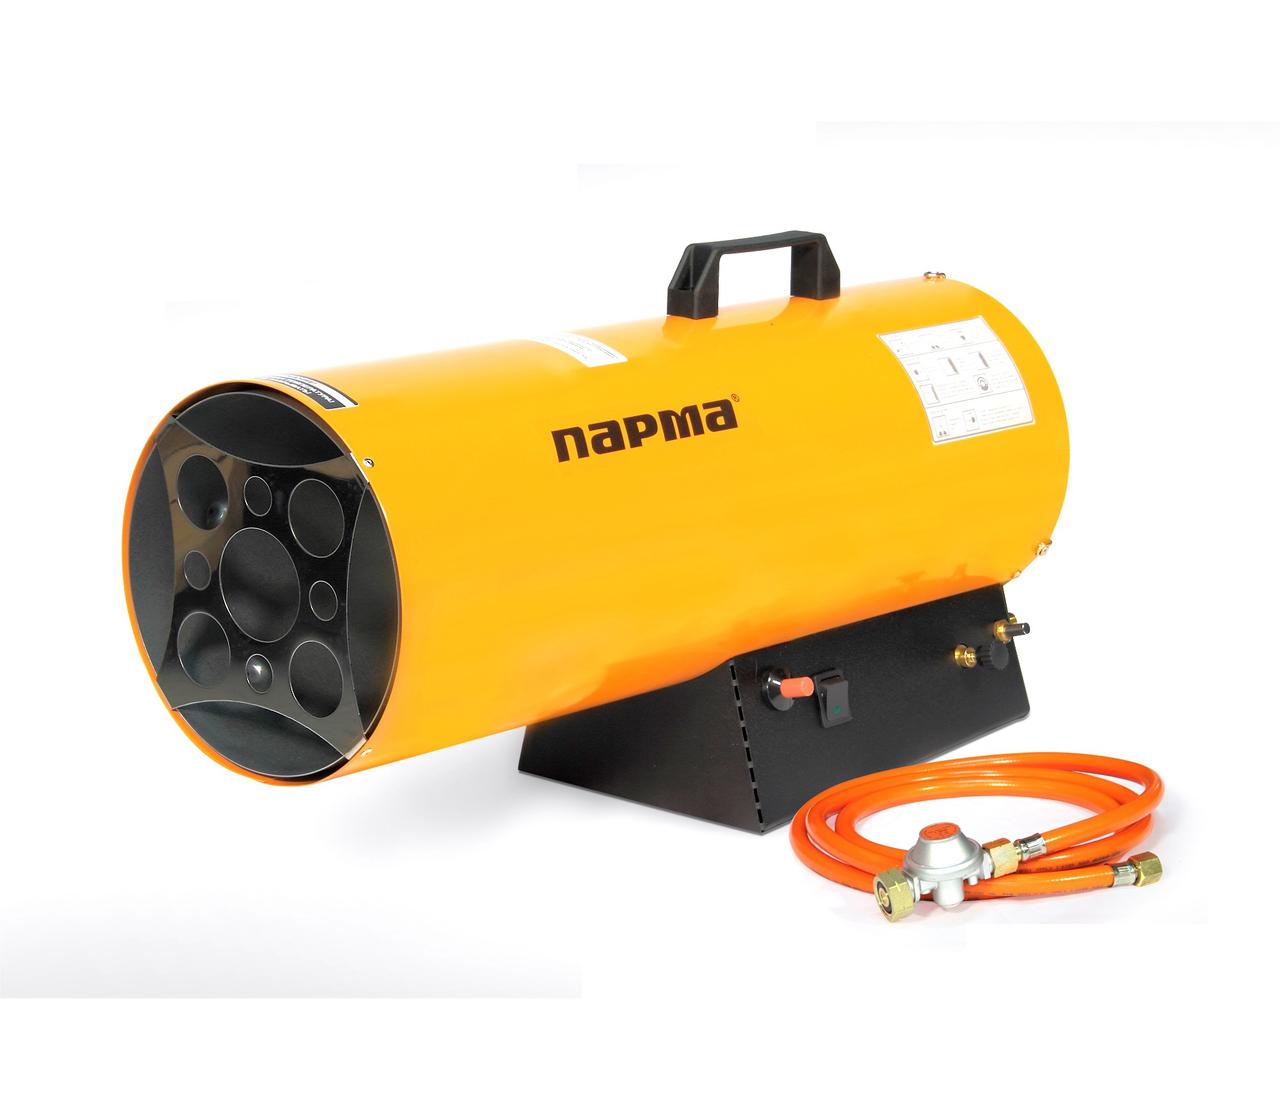 Инструменты для натяжных потолков: оборудование - газовая пушка, лопатка и твч станок для монтажа своими руками